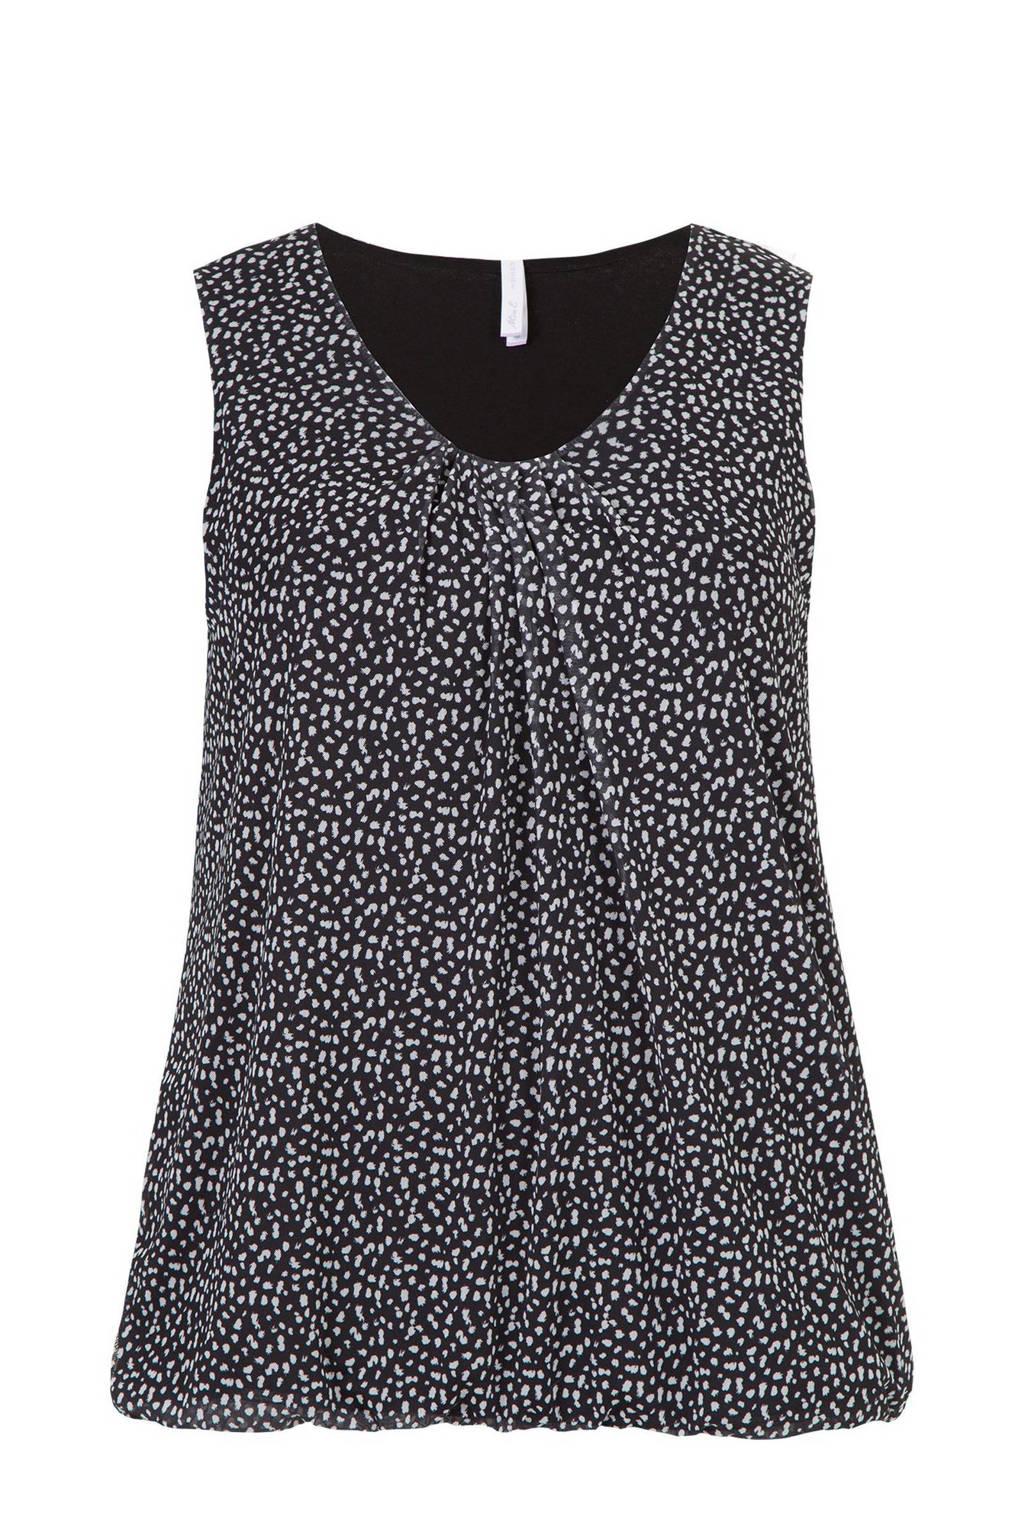 Miss Etam Plus top met all over print en plooien zwart/wit, Zwart/wit